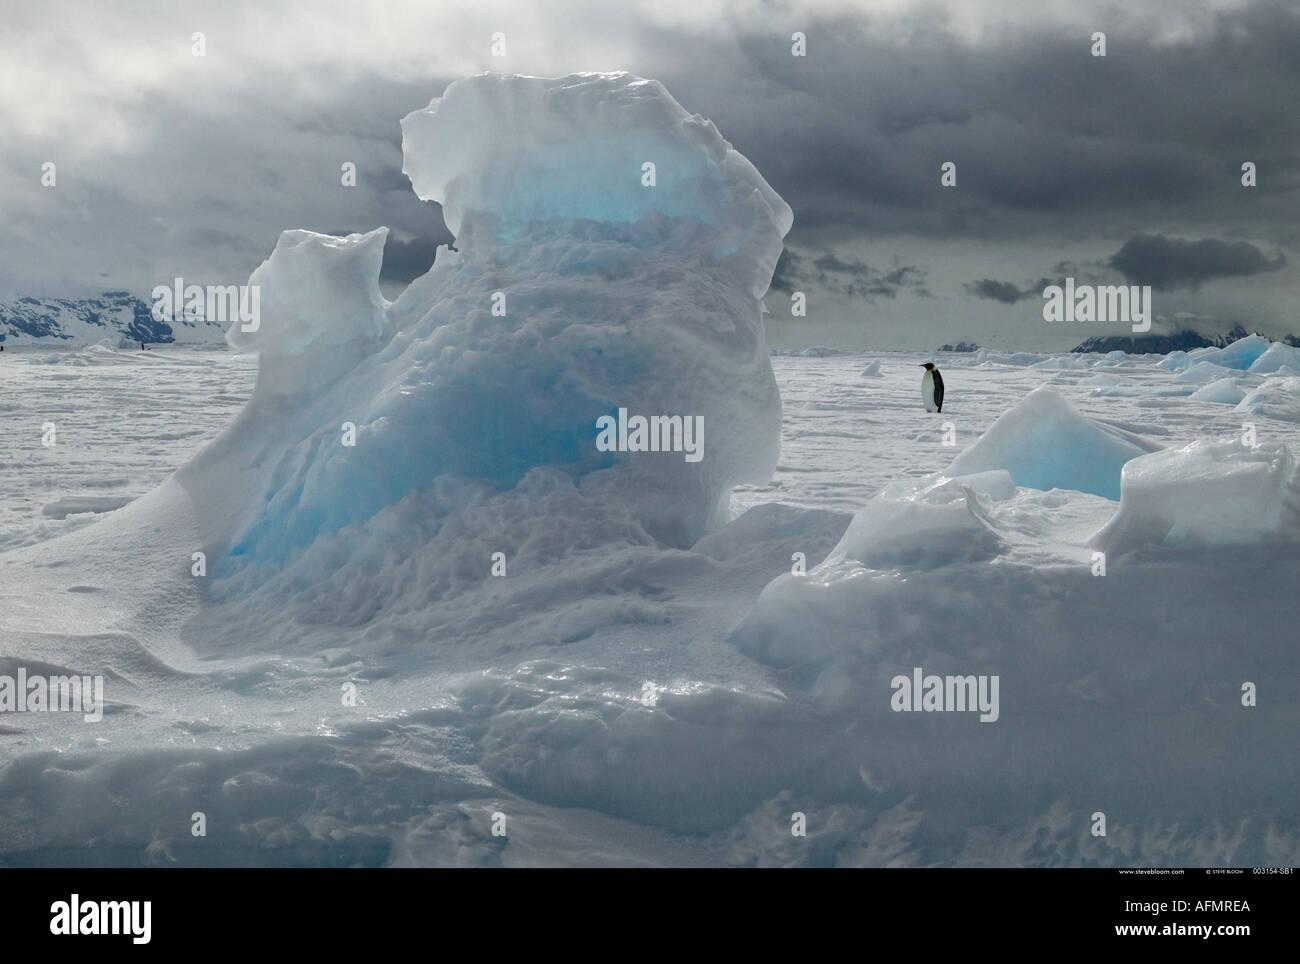 Pinguino imperatore sull Isola di Coulman Antartide Immagini Stock